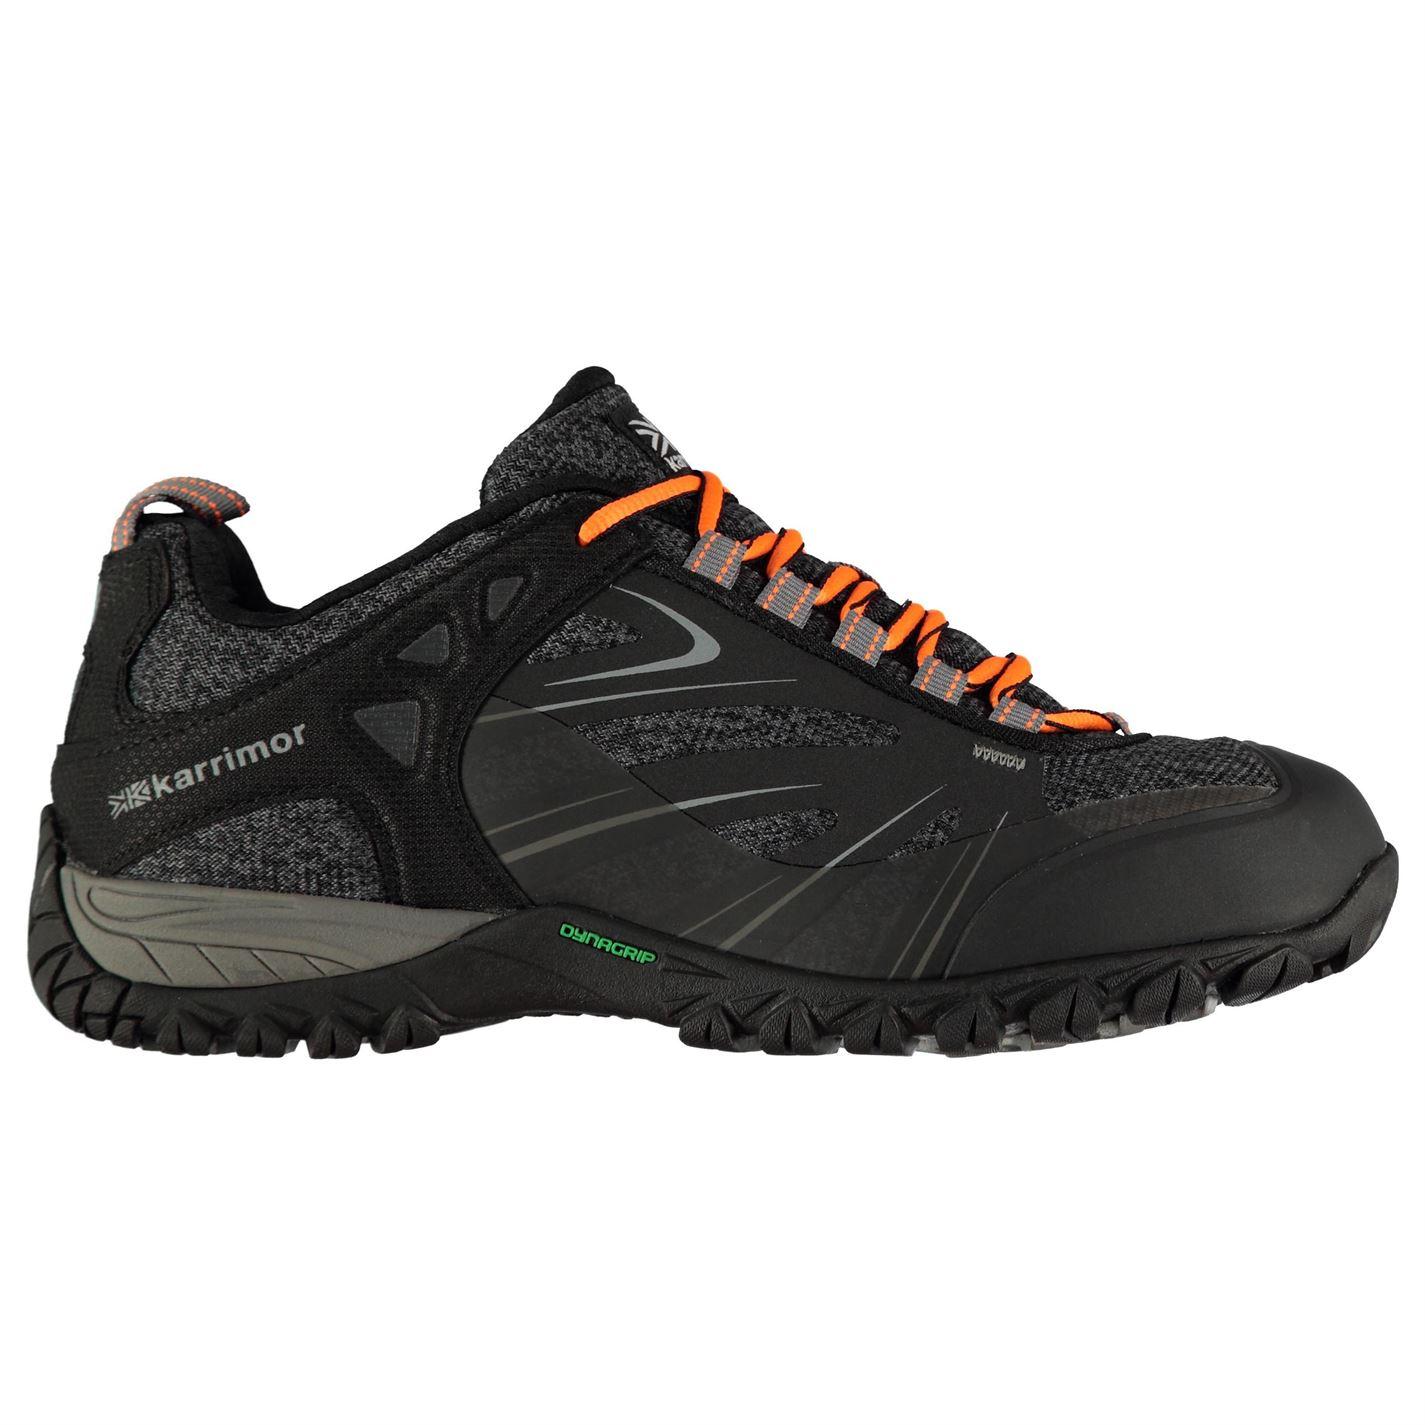 Karrimor Malvern Mens Walking Shoes - Glami.hu 28409625d8